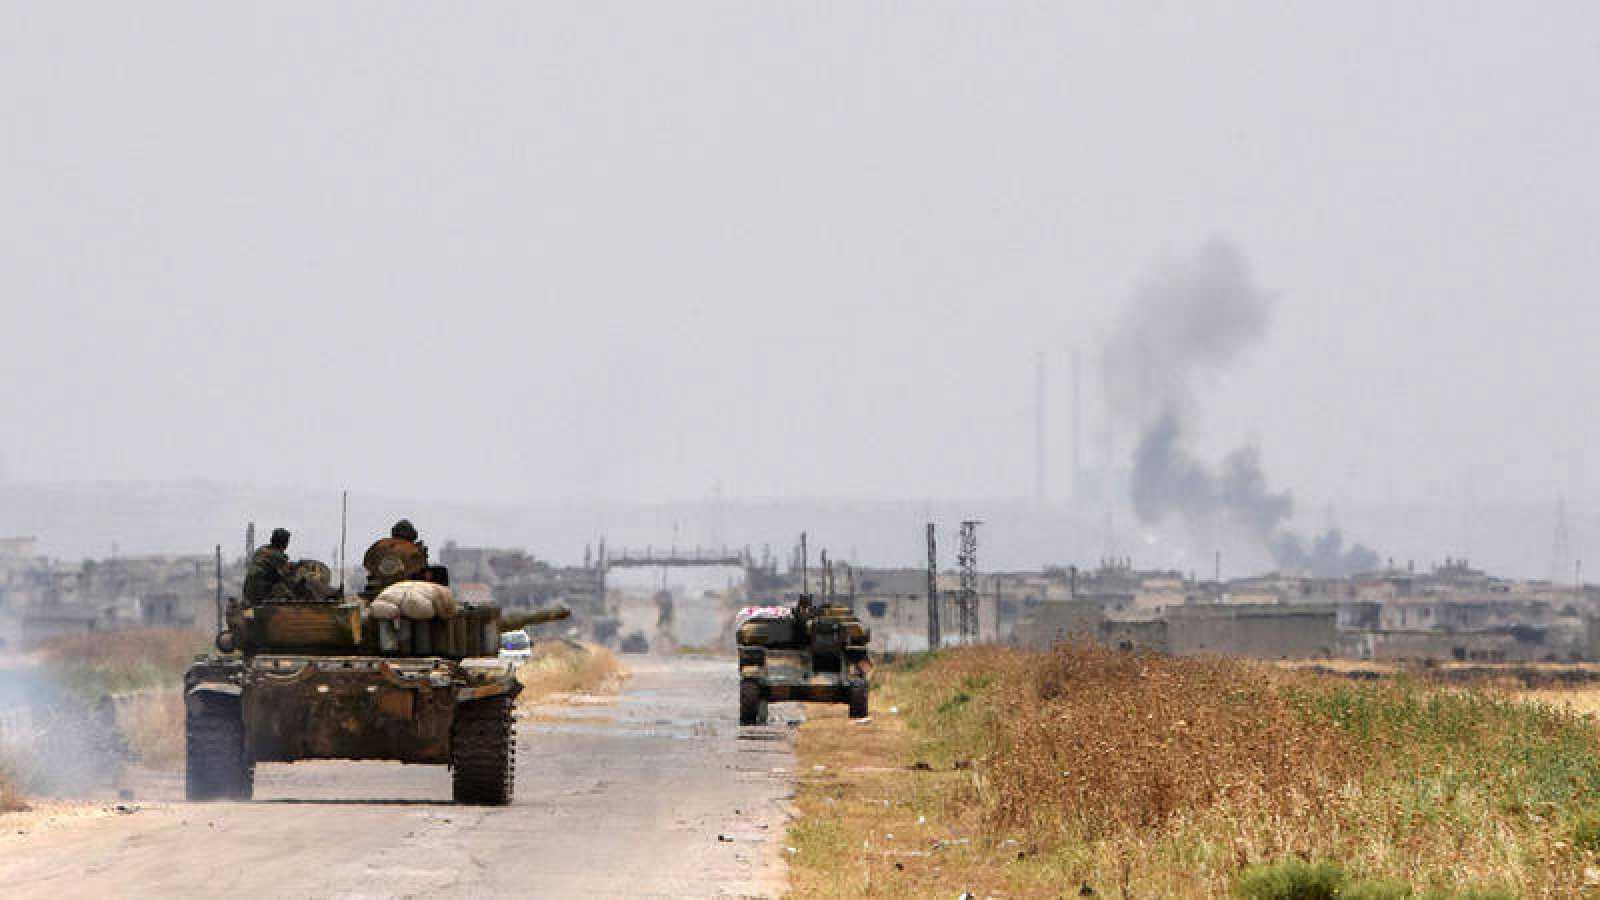 Un tanque de las fuerzas gubernamentales de Siria circula por una carretera de Hama